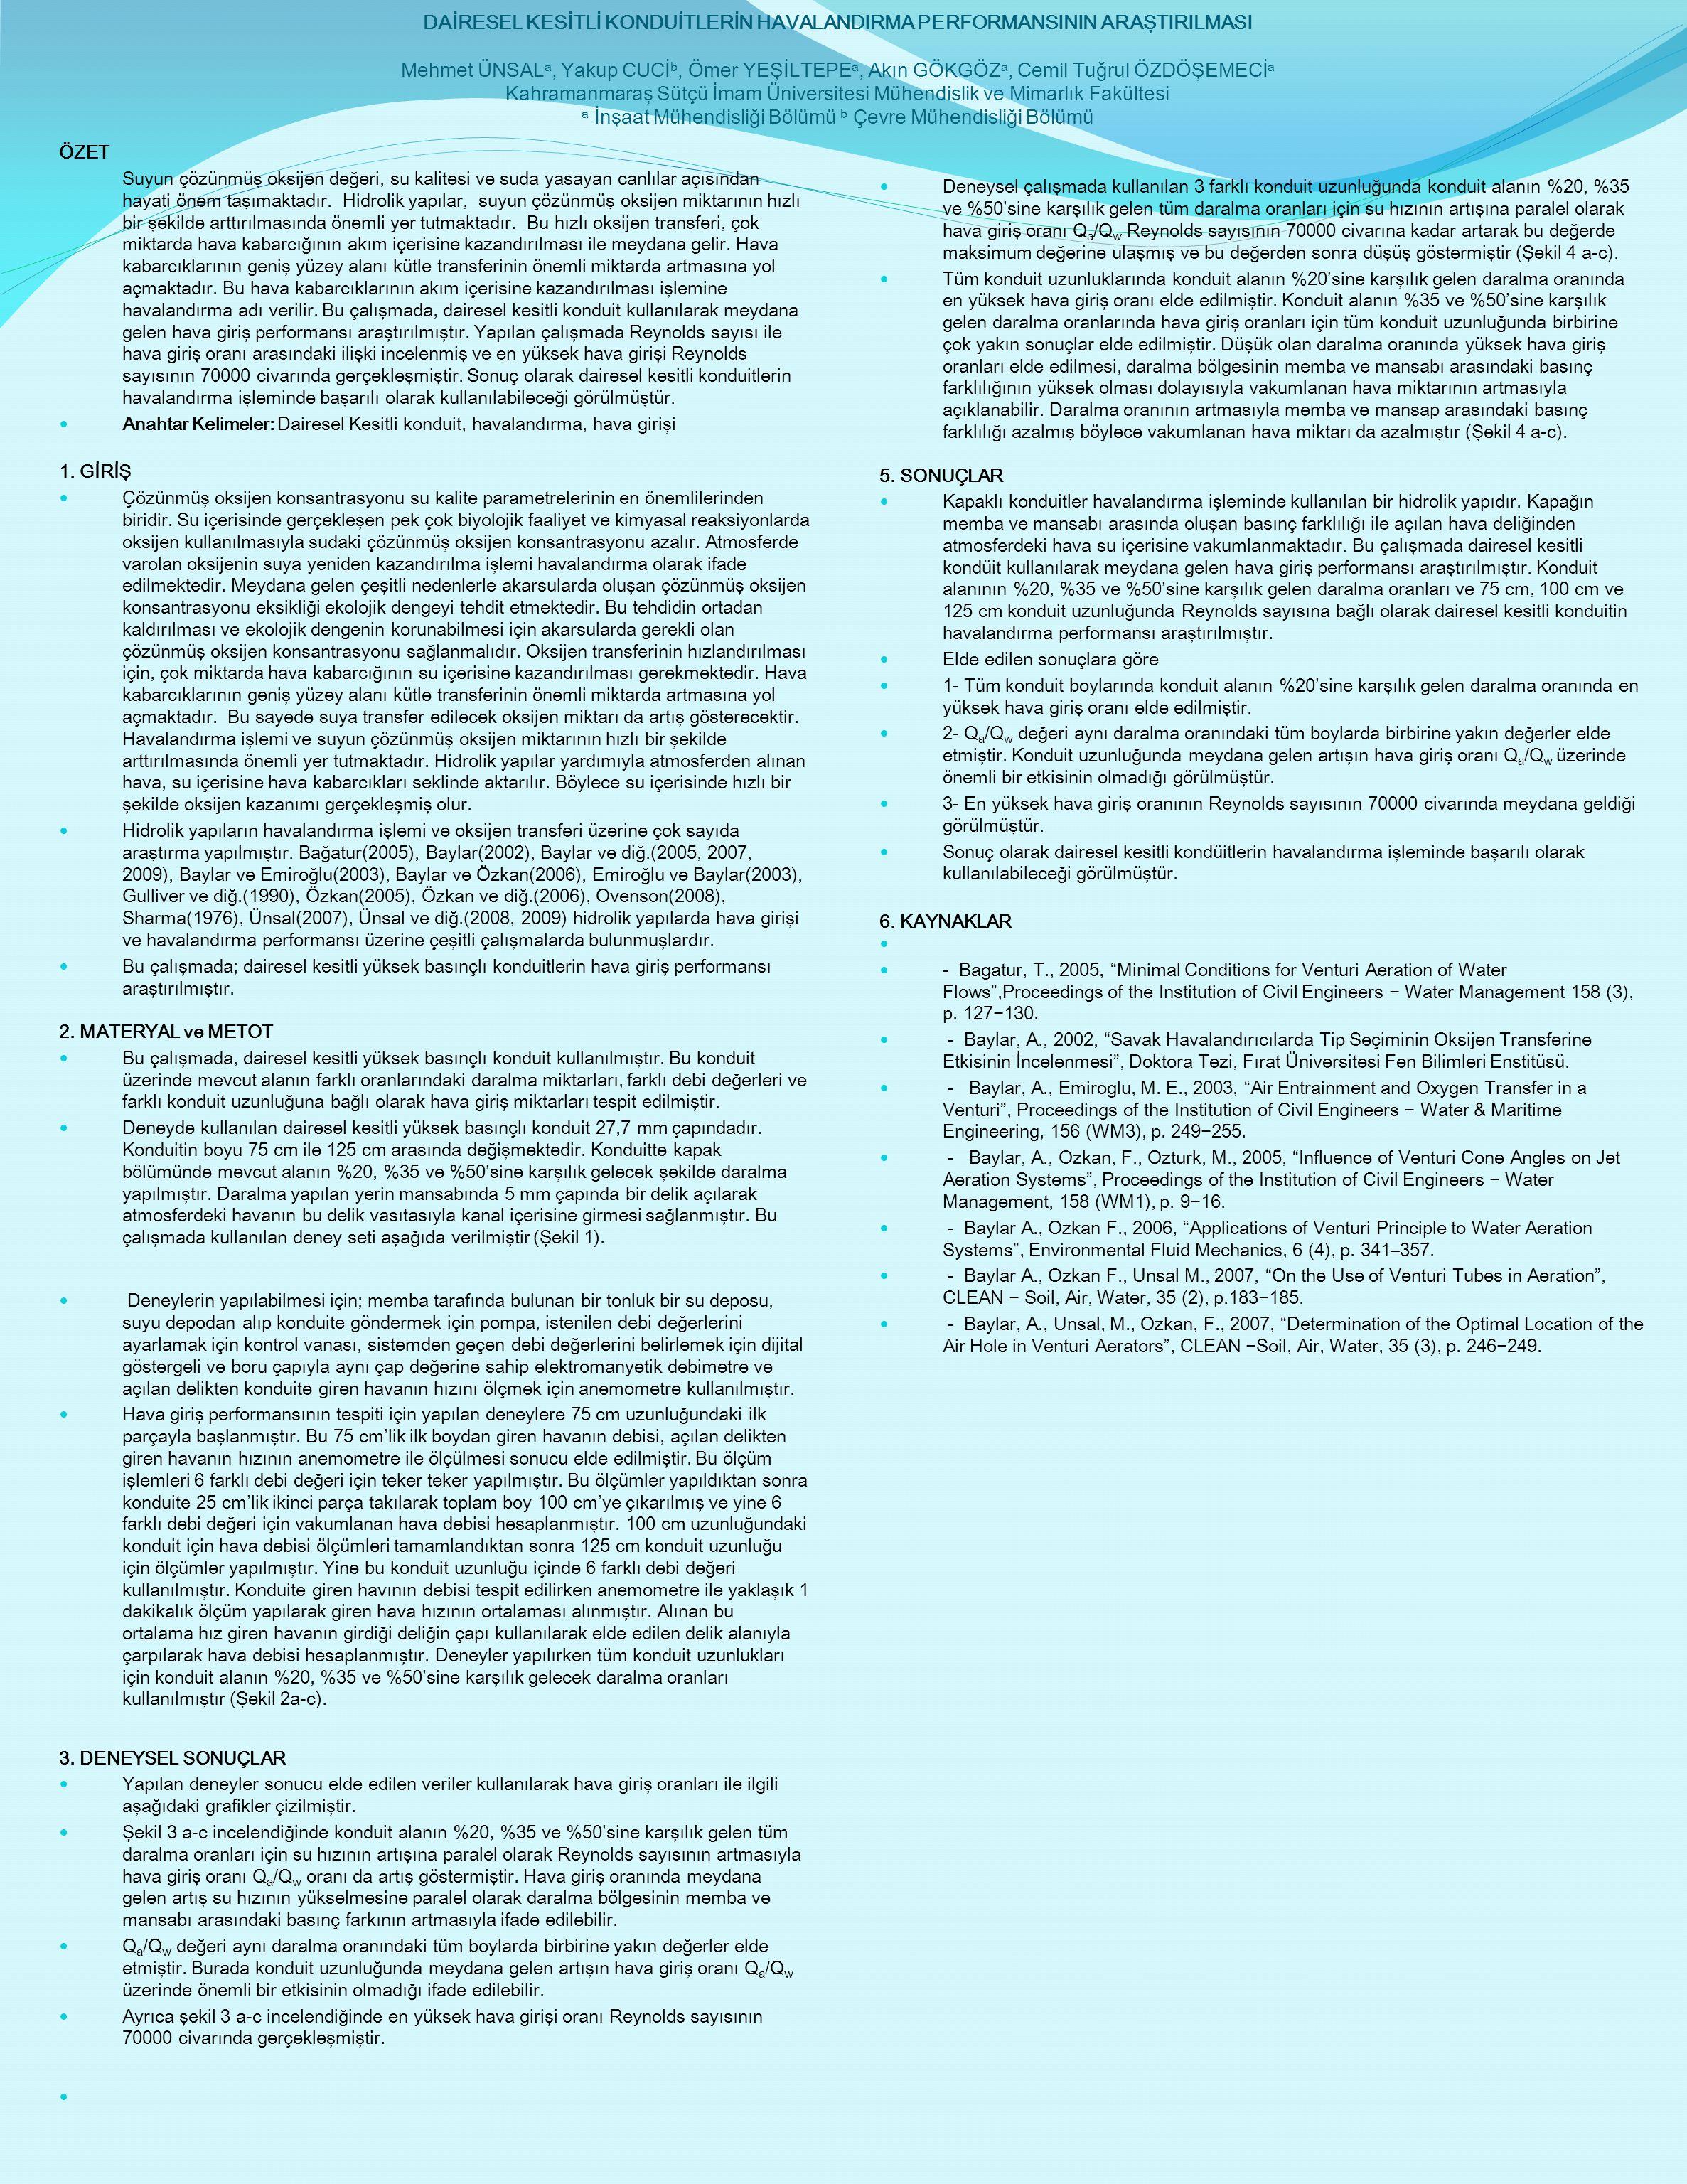 DAİRESEL KESİTLİ KONDUİTLERİN HAVALANDIRMA PERFORMANSININ ARAŞTIRILMASI Mehmet ÜNSALa, Yakup CUCİb, Ömer YEŞİLTEPEa, Akın GÖKGÖZa, Cemil Tuğrul ÖZDÖŞEMECİa Kahramanmaraş Sütçü İmam Üniversitesi Mühendislik ve Mimarlık Fakültesi a İnşaat Mühendisliği Bölümü b Çevre Mühendisliği Bölümü